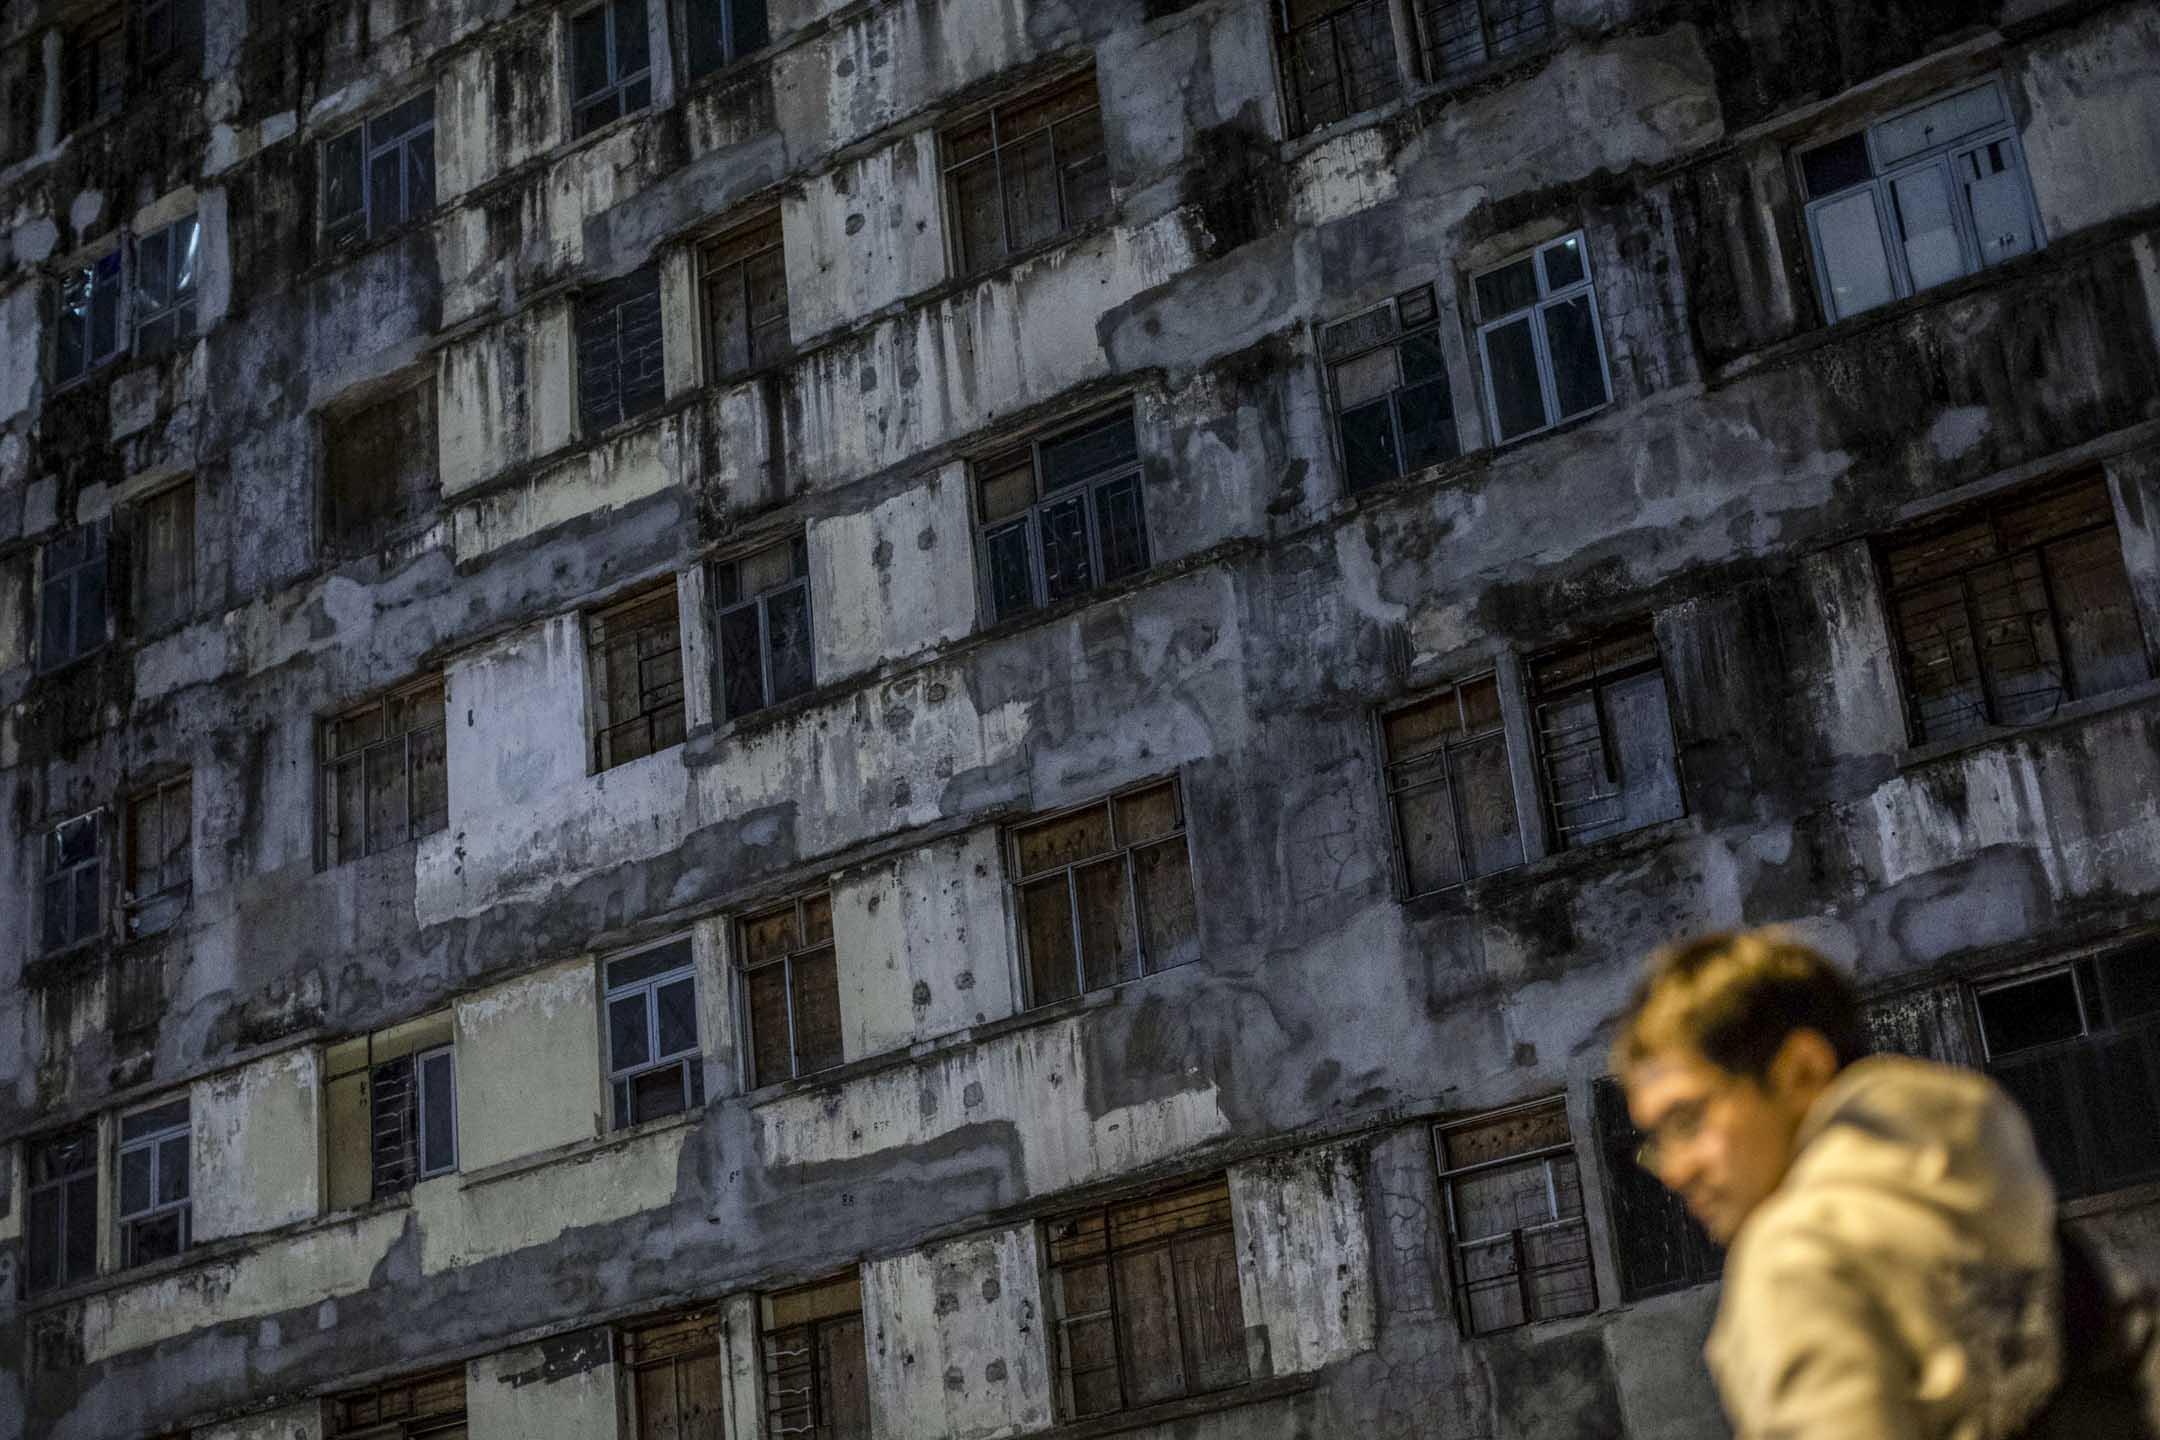 收回物業的消息公布後,大批攝影愛好者到裕民坊的平台拍照,希望拍下「天空之鏡」景色。 攝:Stanley Leung/端傳媒